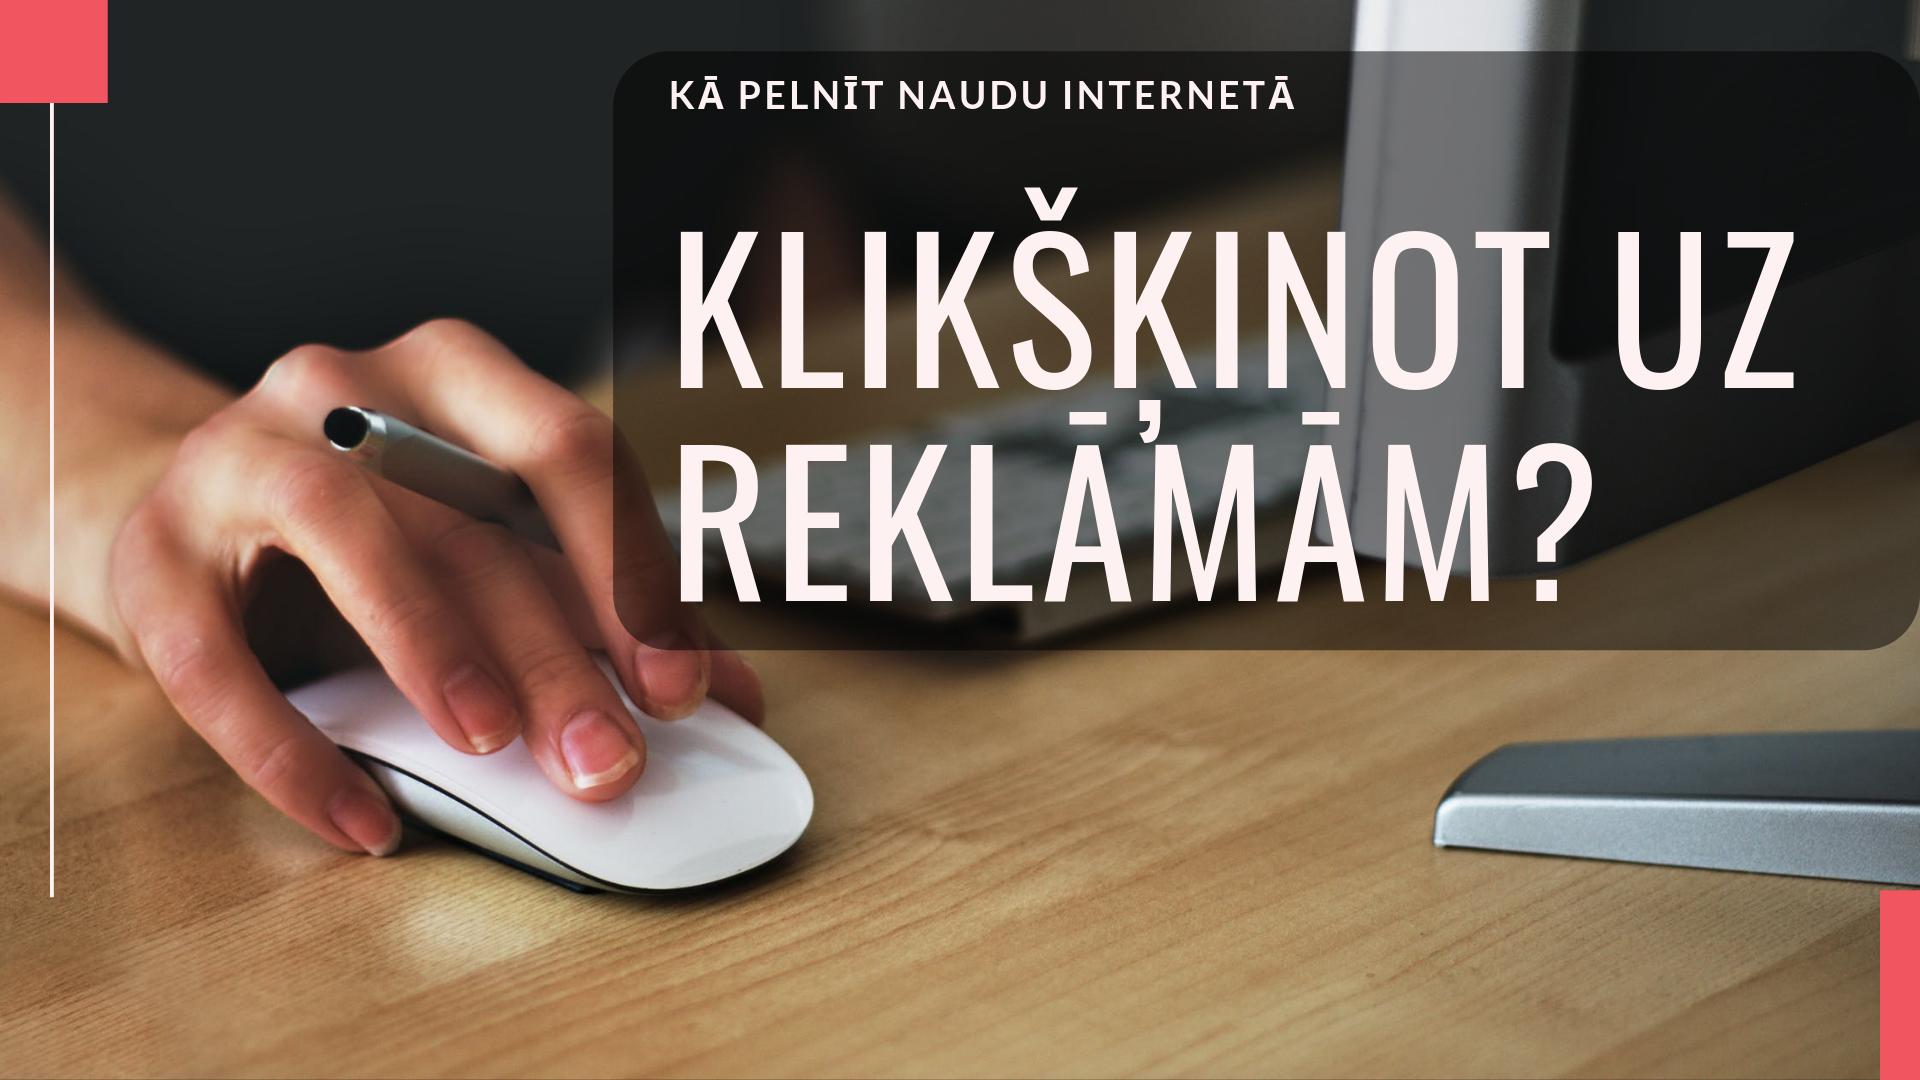 Demo ka nopelnit lielu naudu interneta tirdzniecības